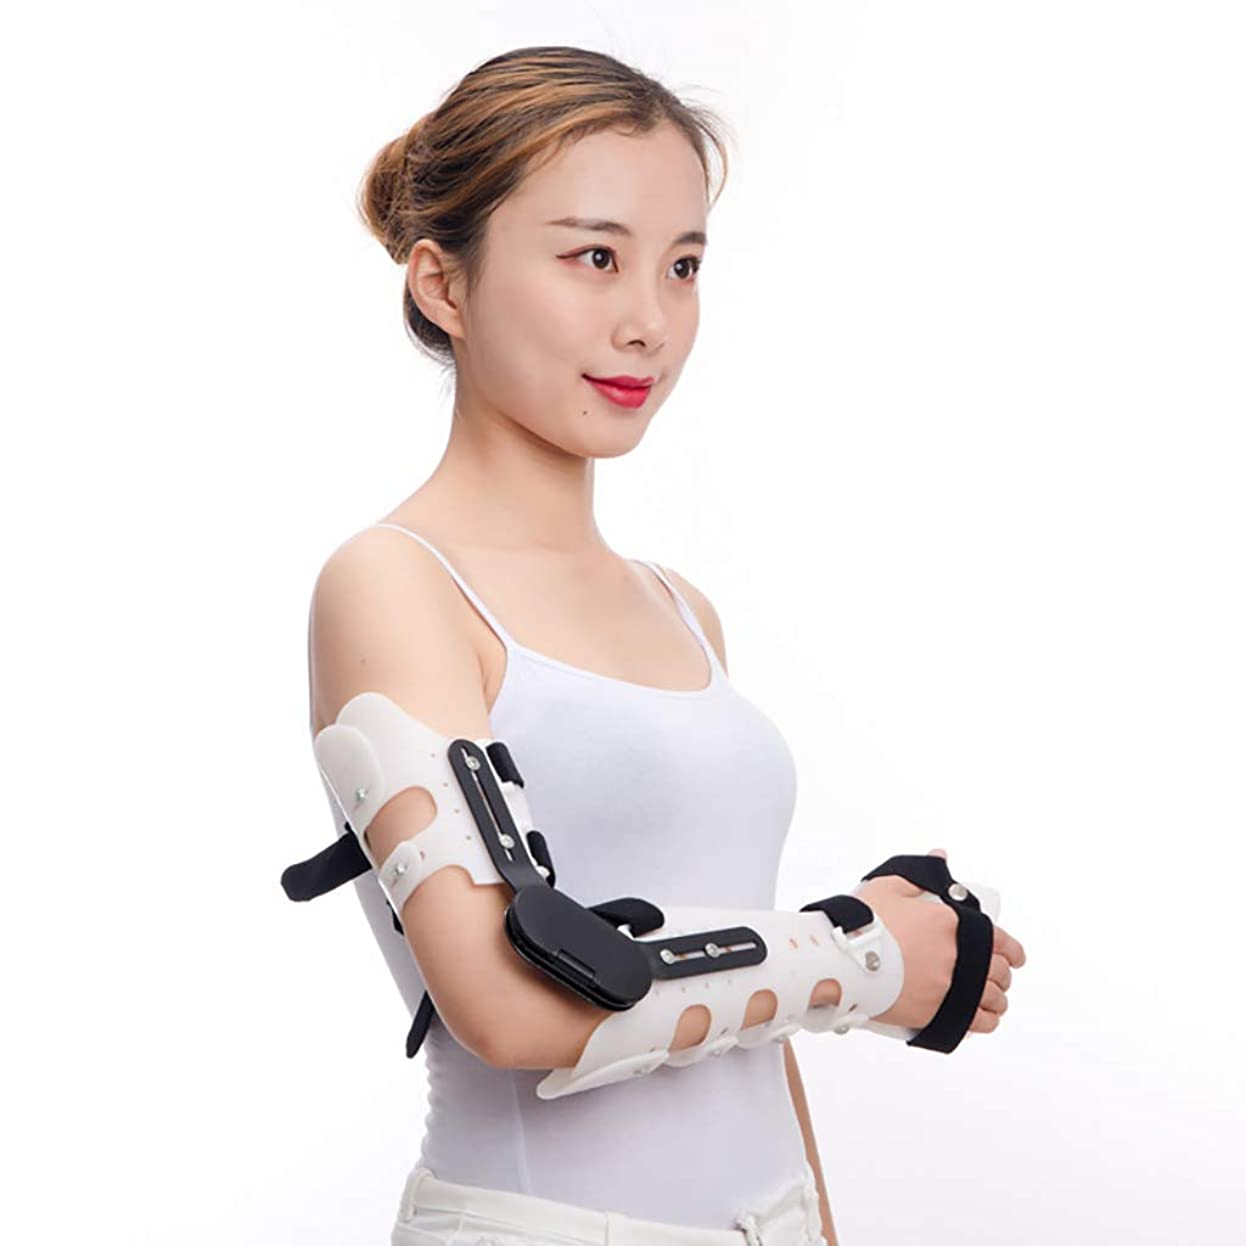 維持用心する通知手術後の調整可能なポストOP肘ブレース後の腕装具傷害回復サポートのための蝶番を付けられたROM肘パームブレース